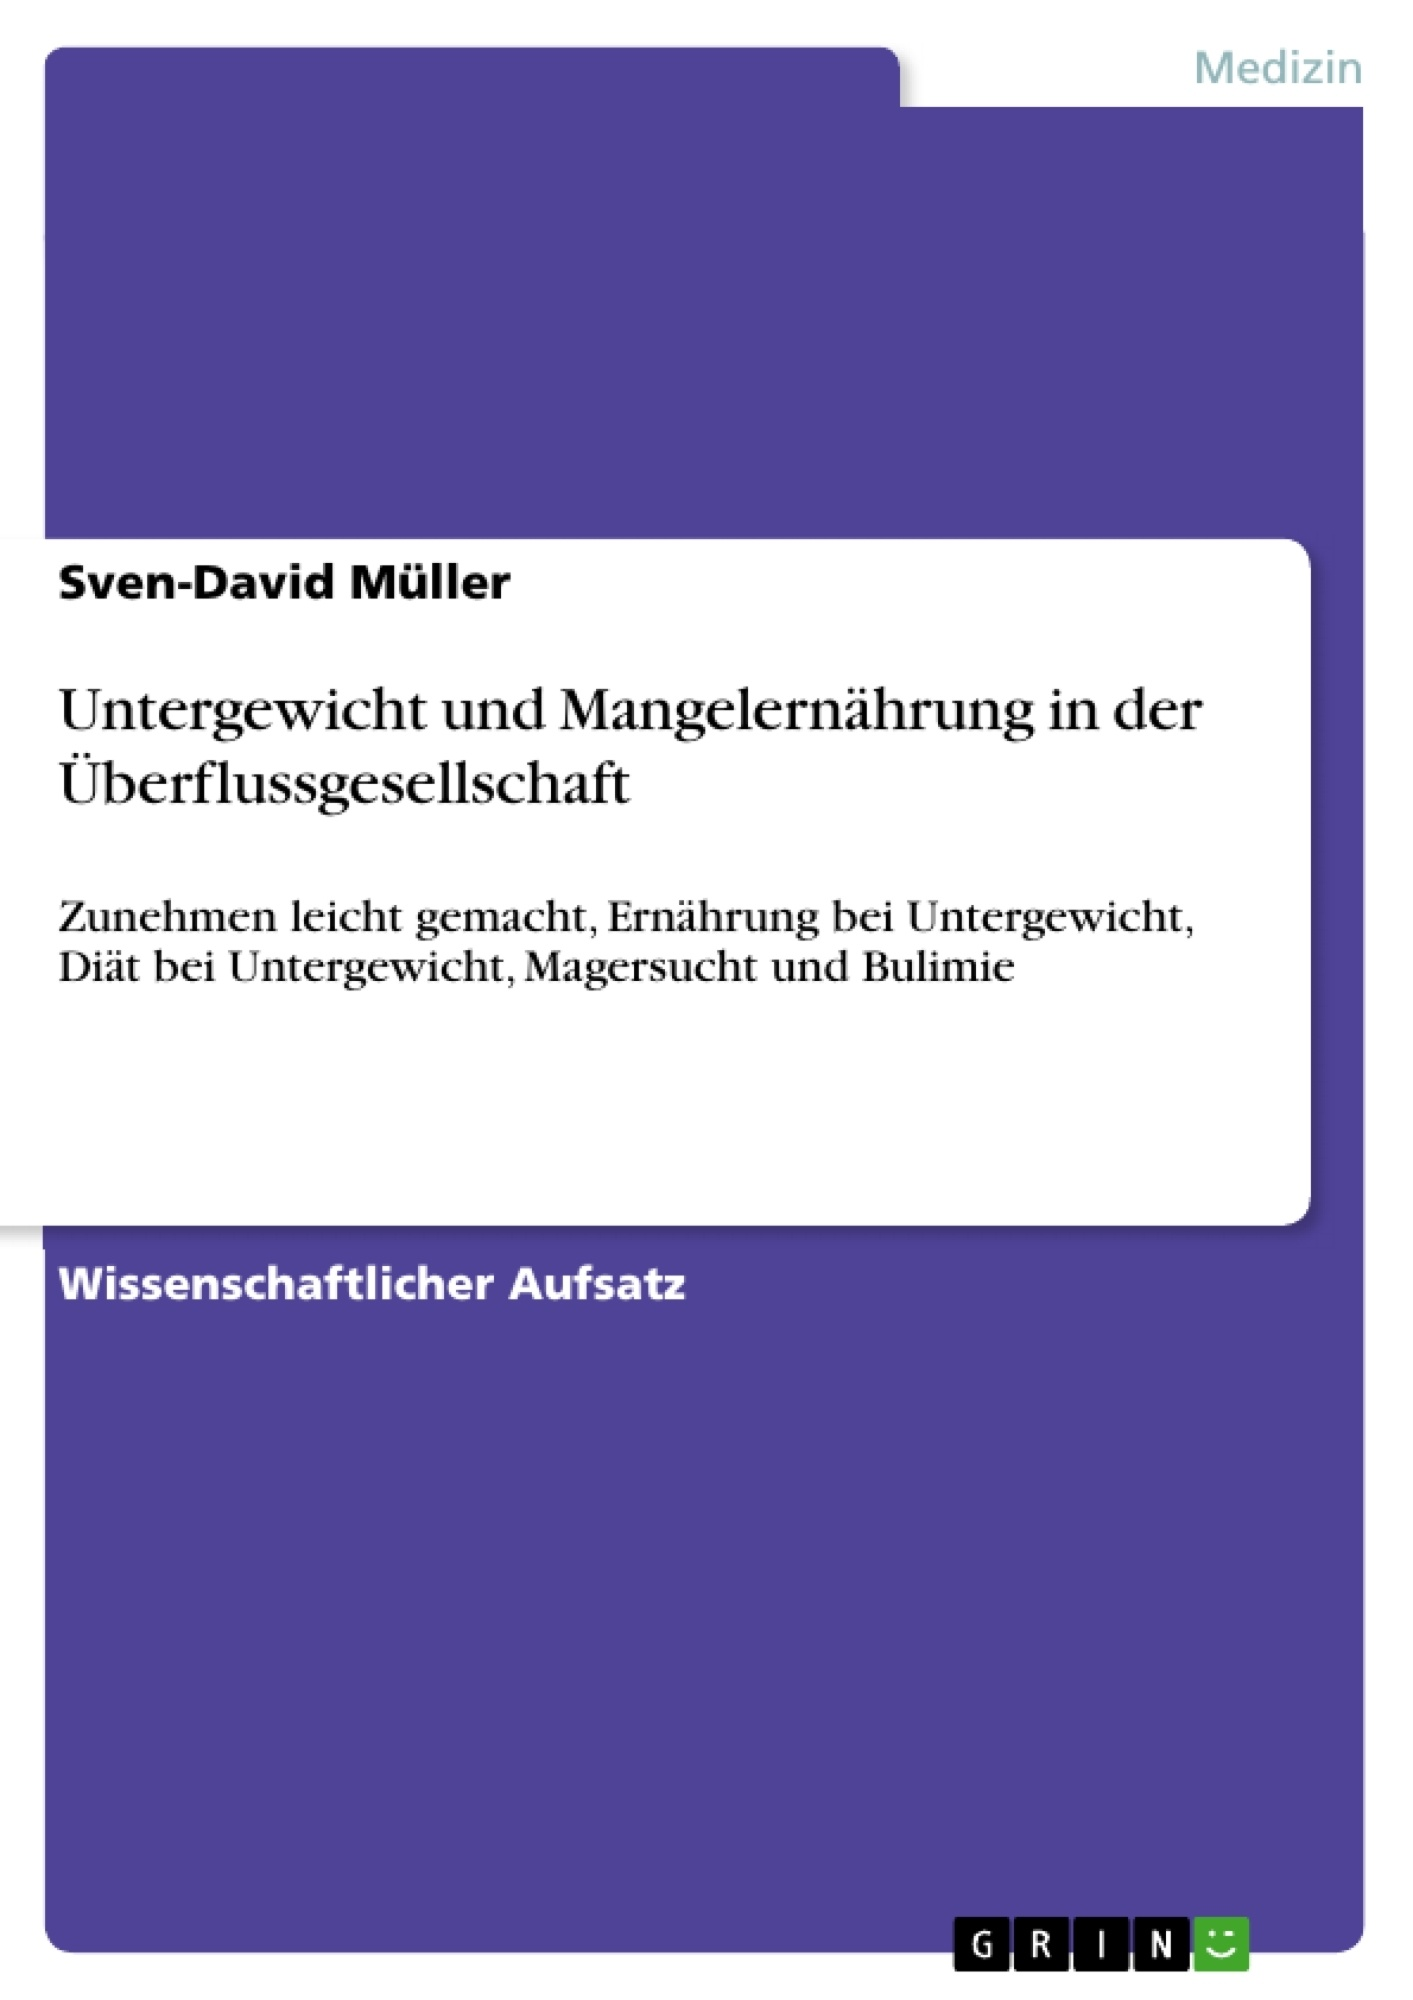 Titel: Untergewicht und Mangelernährung in der Überflussgesellschaft